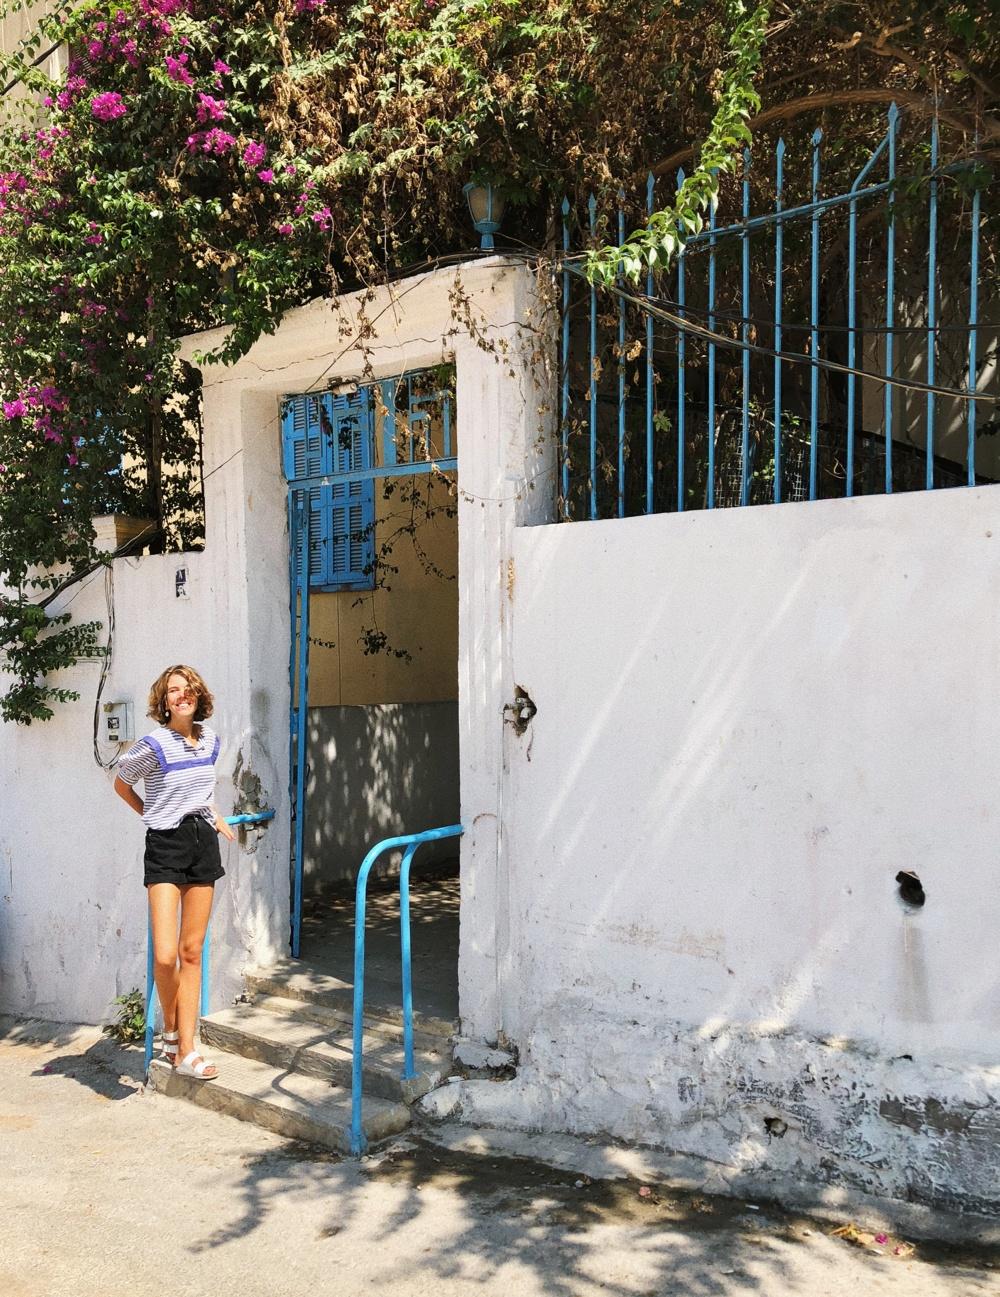 POSTKORT FRA LIBANON 11